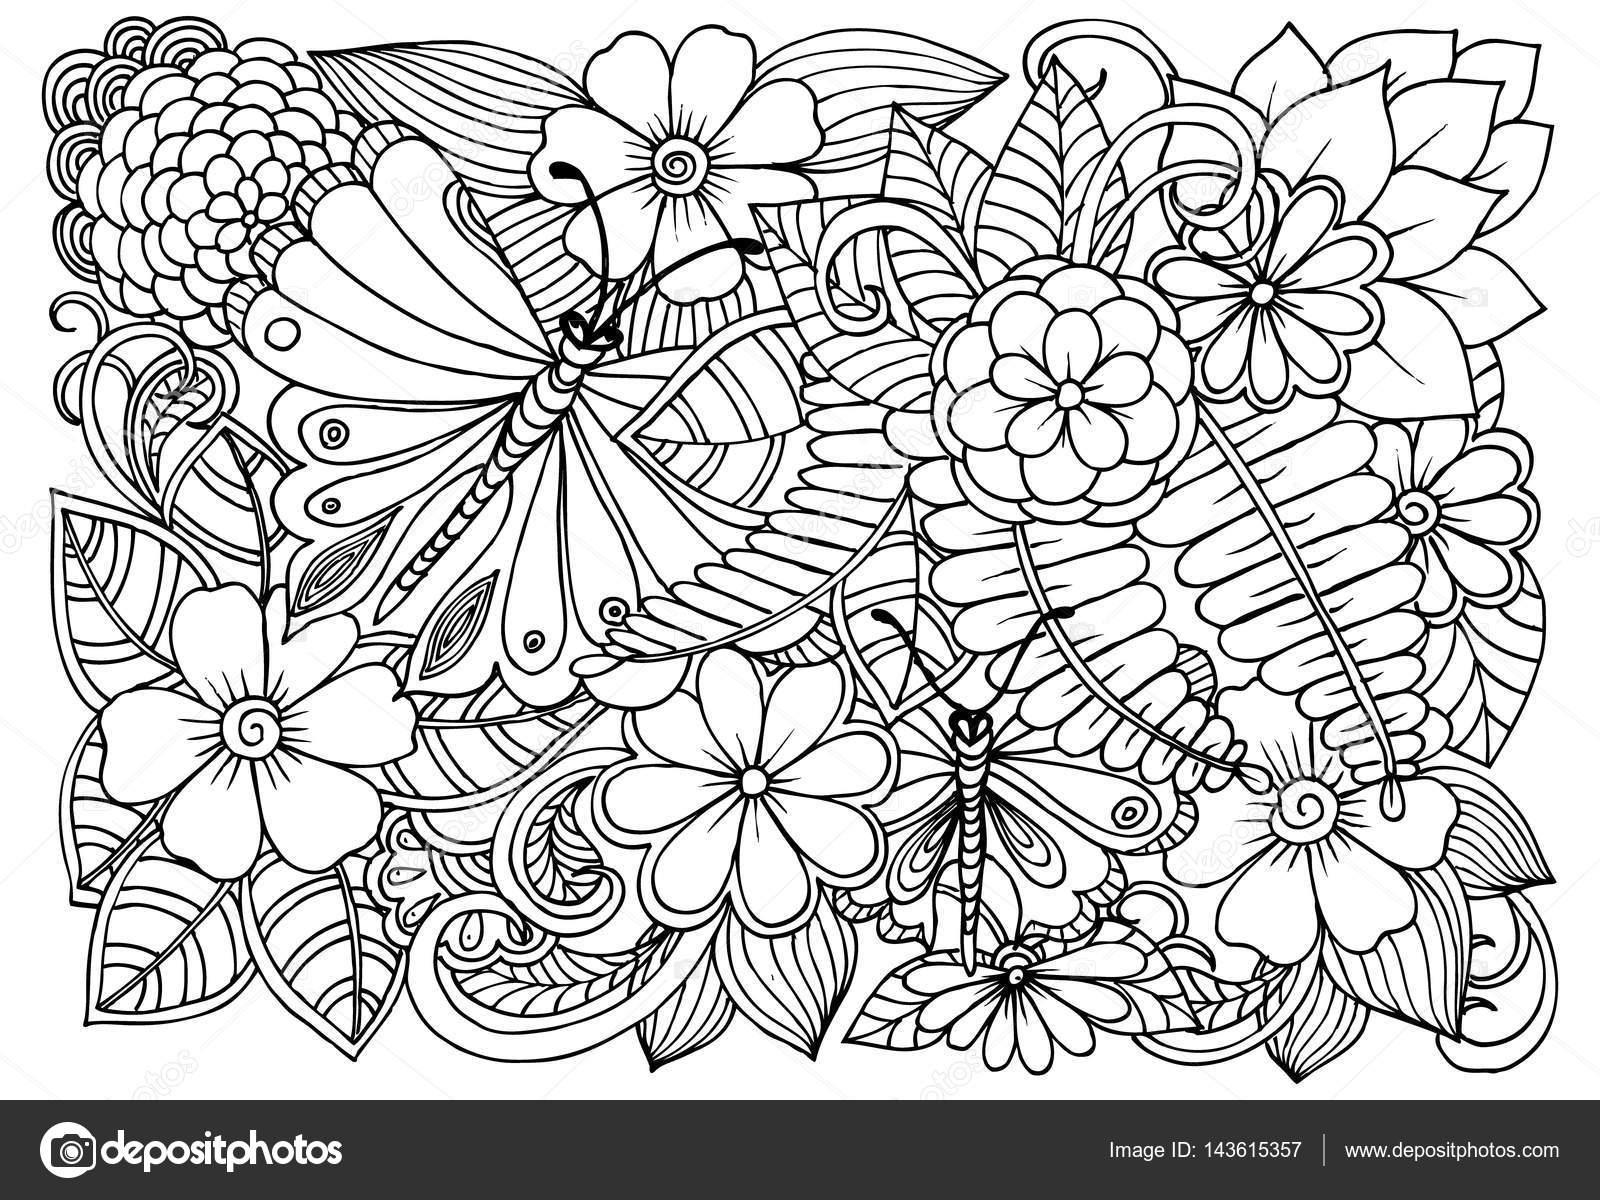 Mariposas y flores en blanco y negro para colorear — Archivo ...